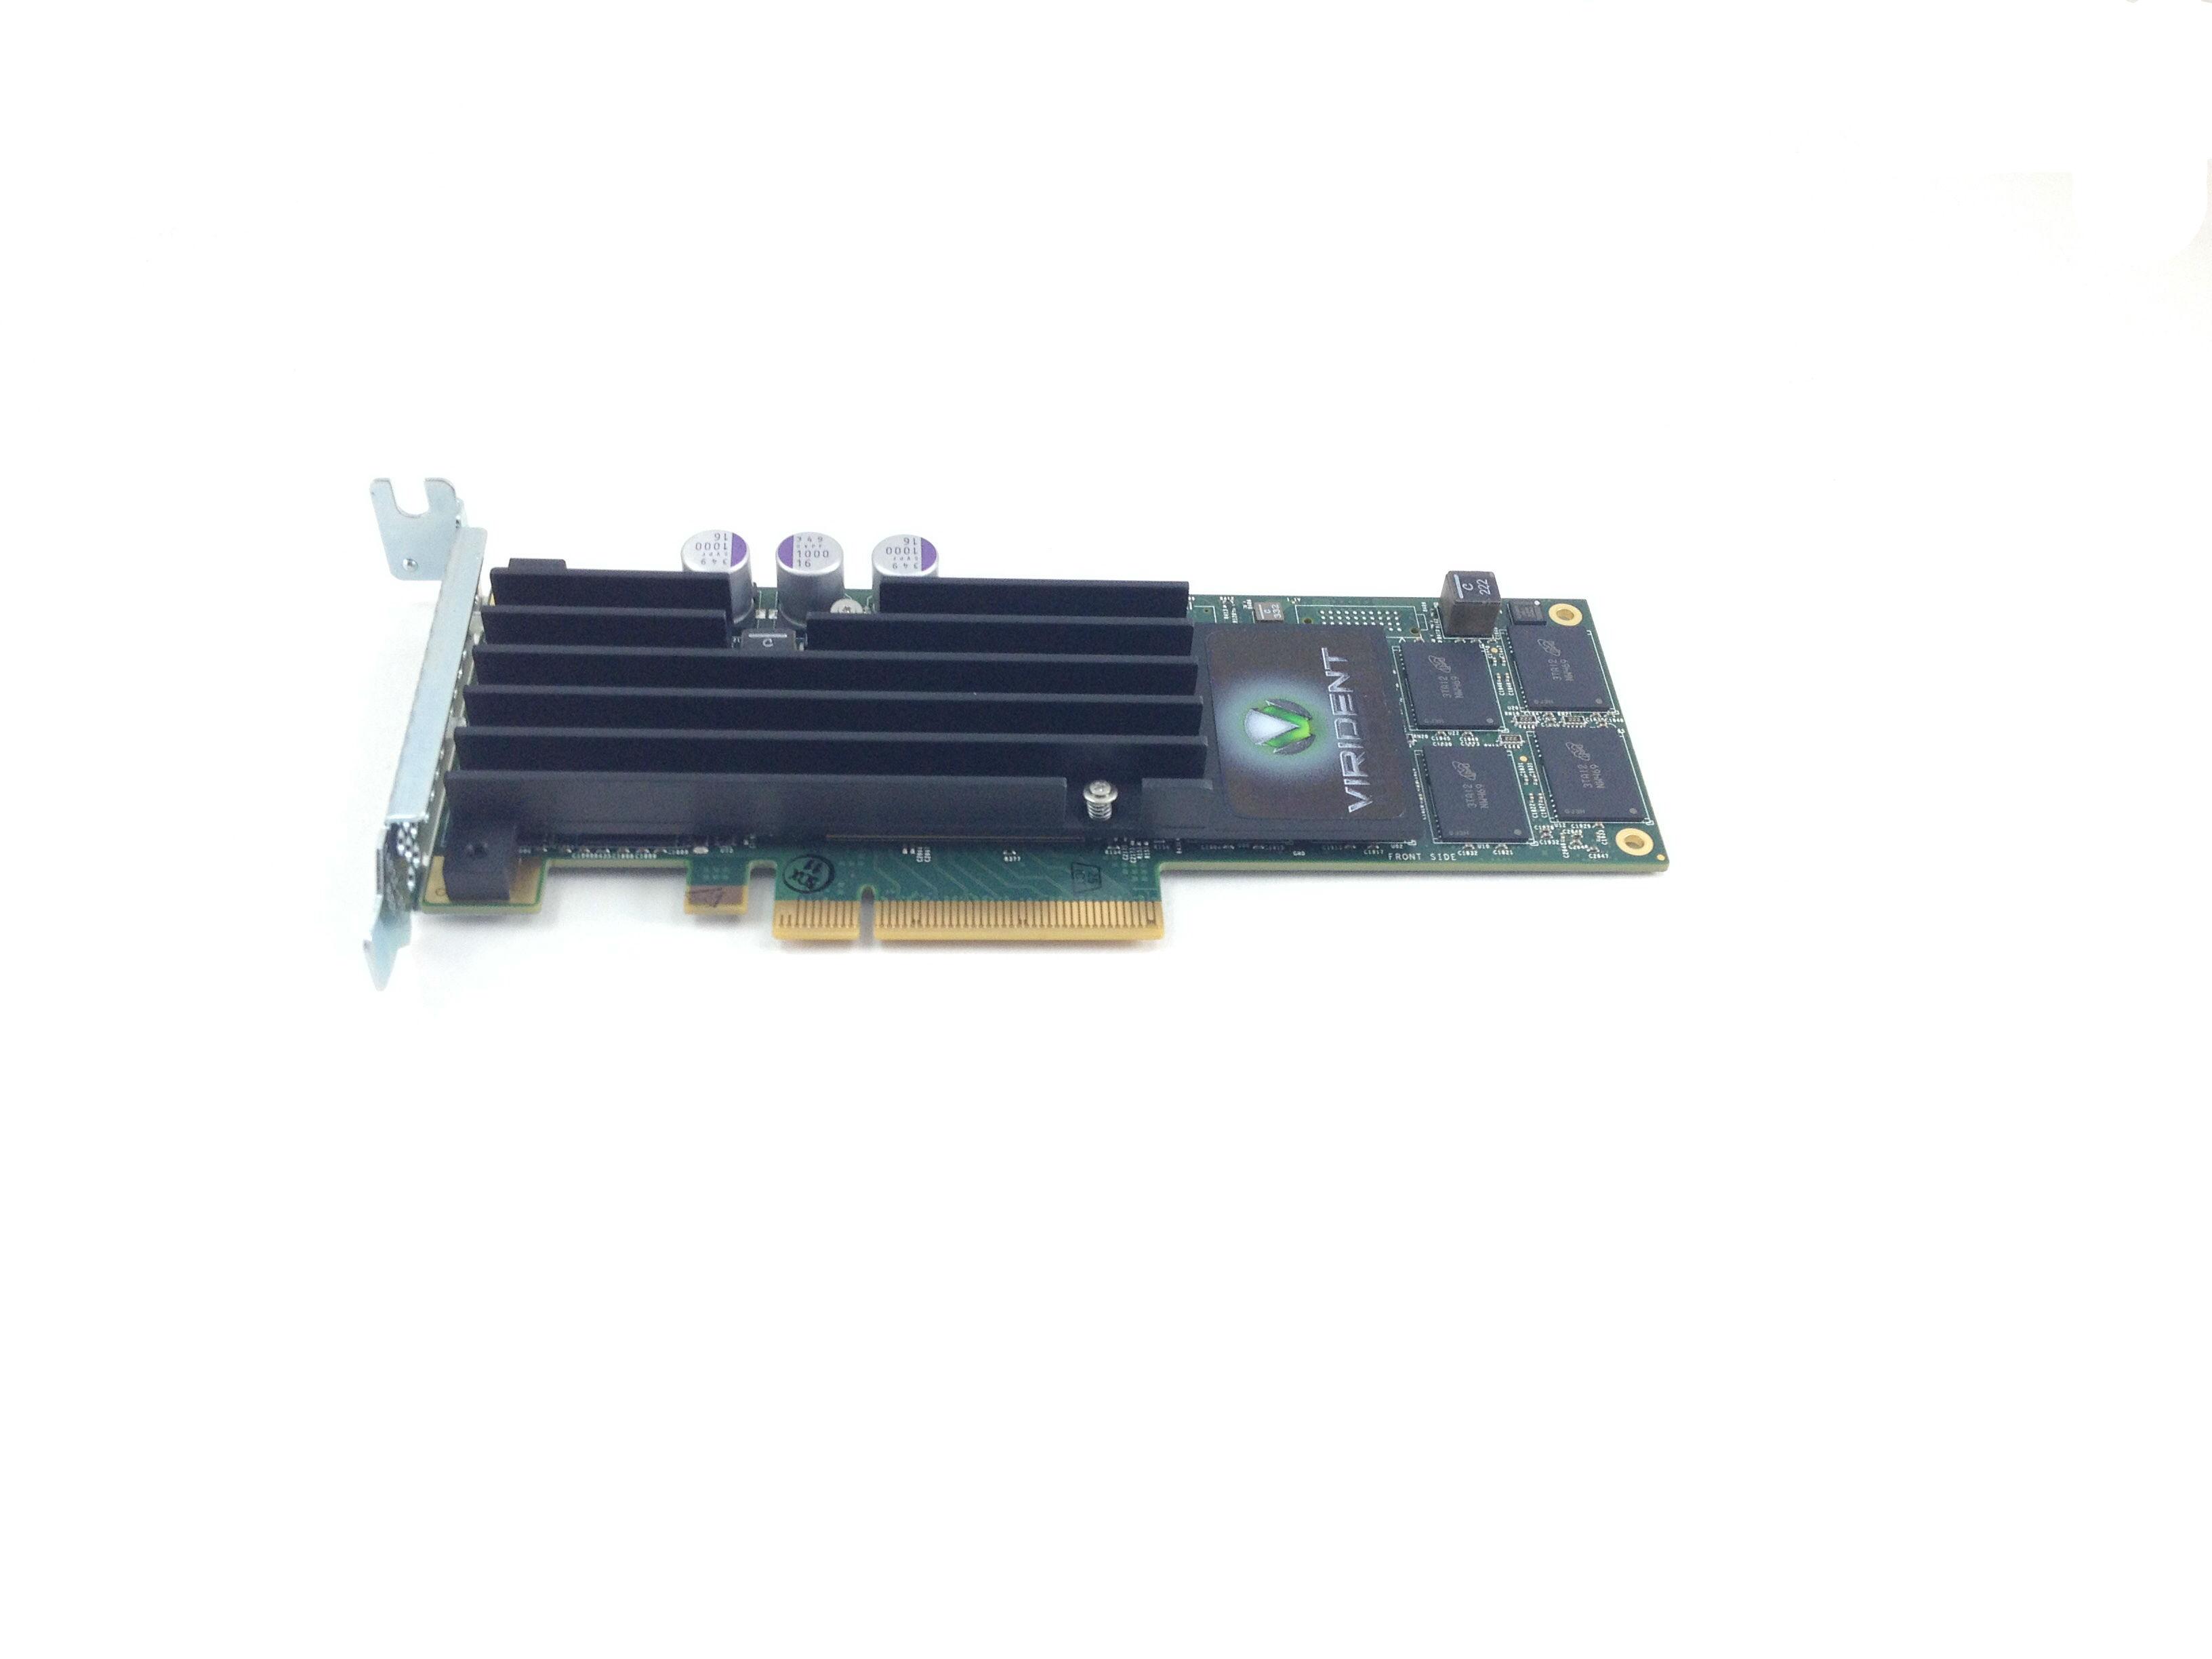 HGST Virident Flashmax II 550GB PCI-E Internal Solid State Drive (M2-LP-550-1B)